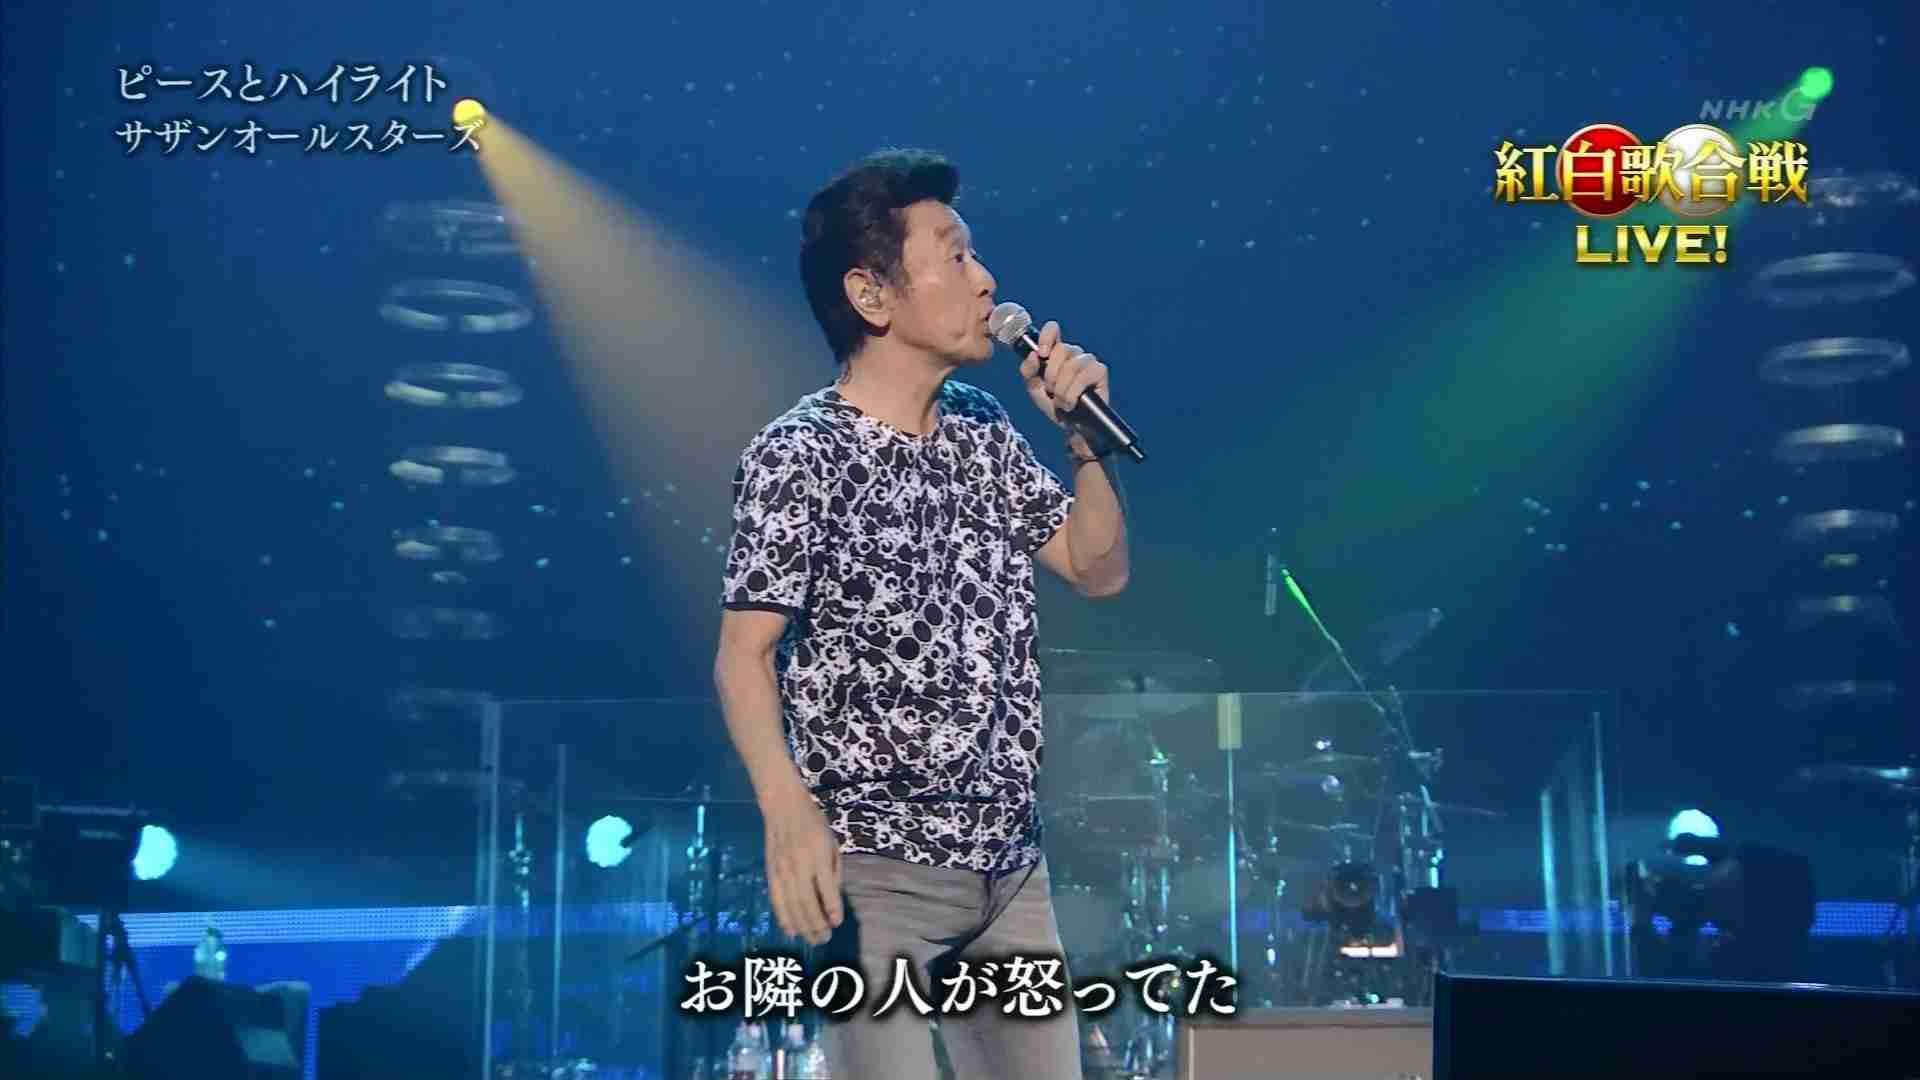 桑田佳祐、有村架純主演朝ドラ『ひよっこ』の主題歌担当!NHKドラマに初の楽曲提供